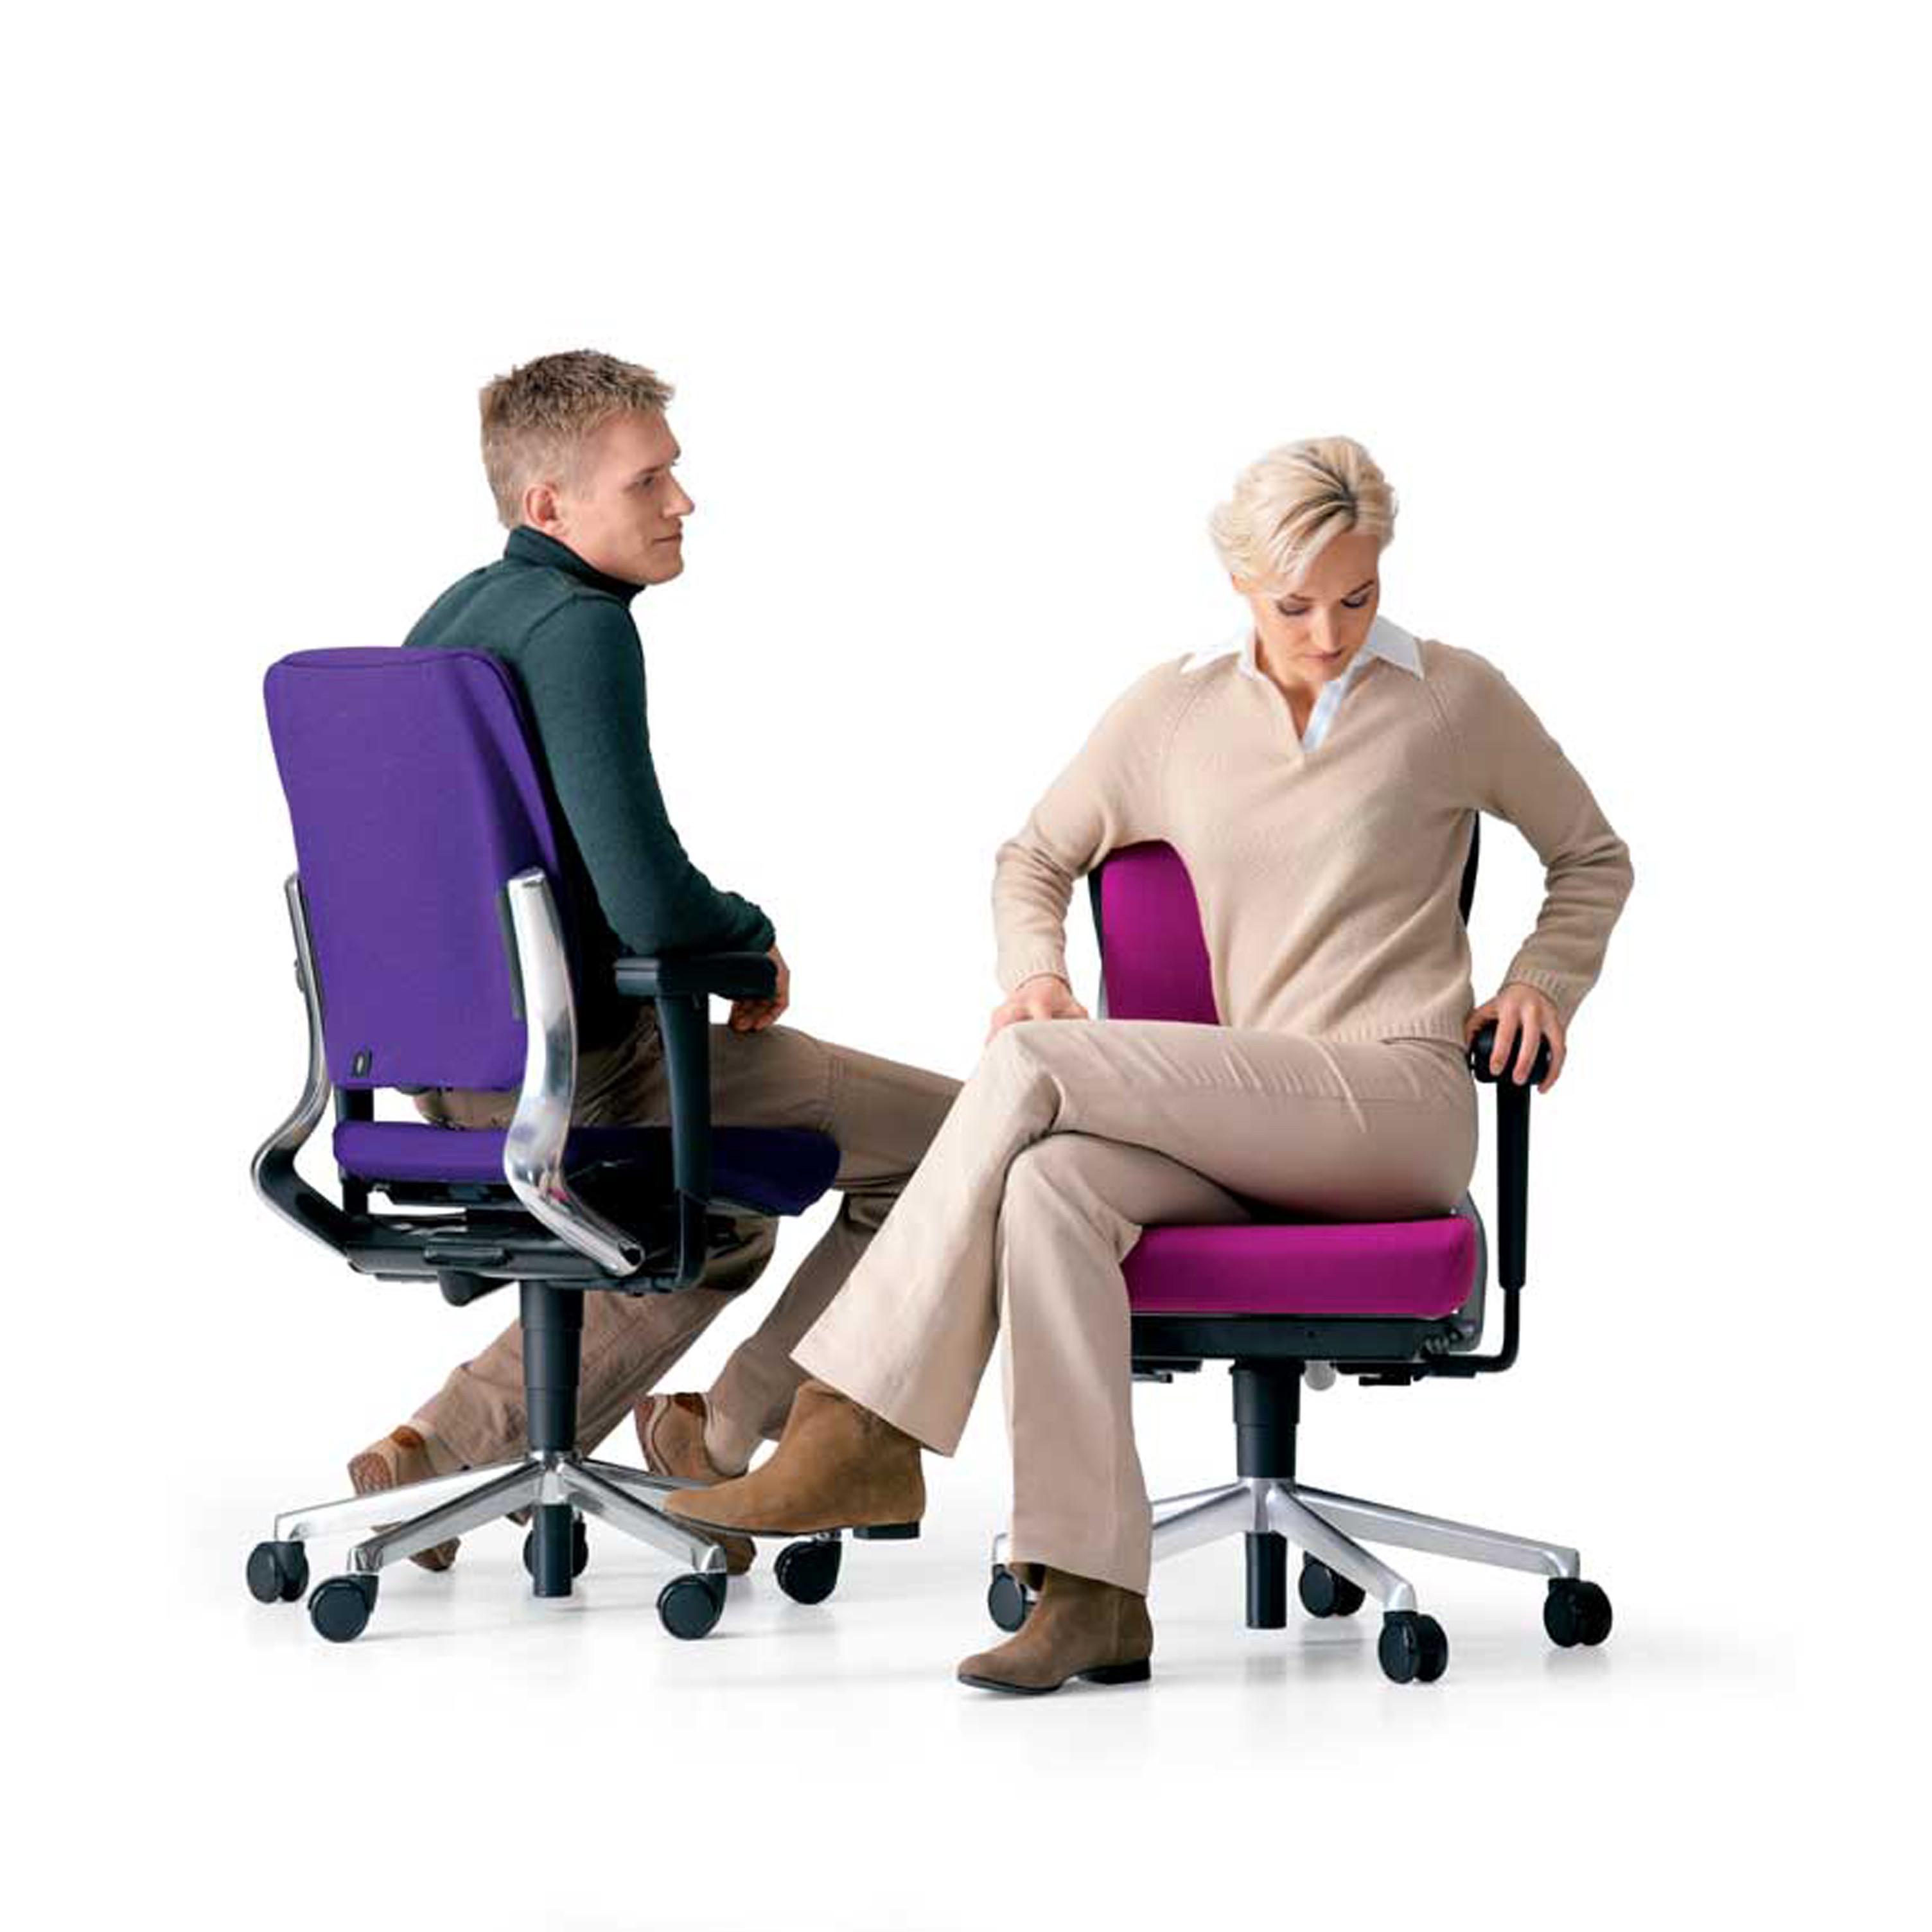 Friso Kramer Revolve Desk Chair Ahrend 1960